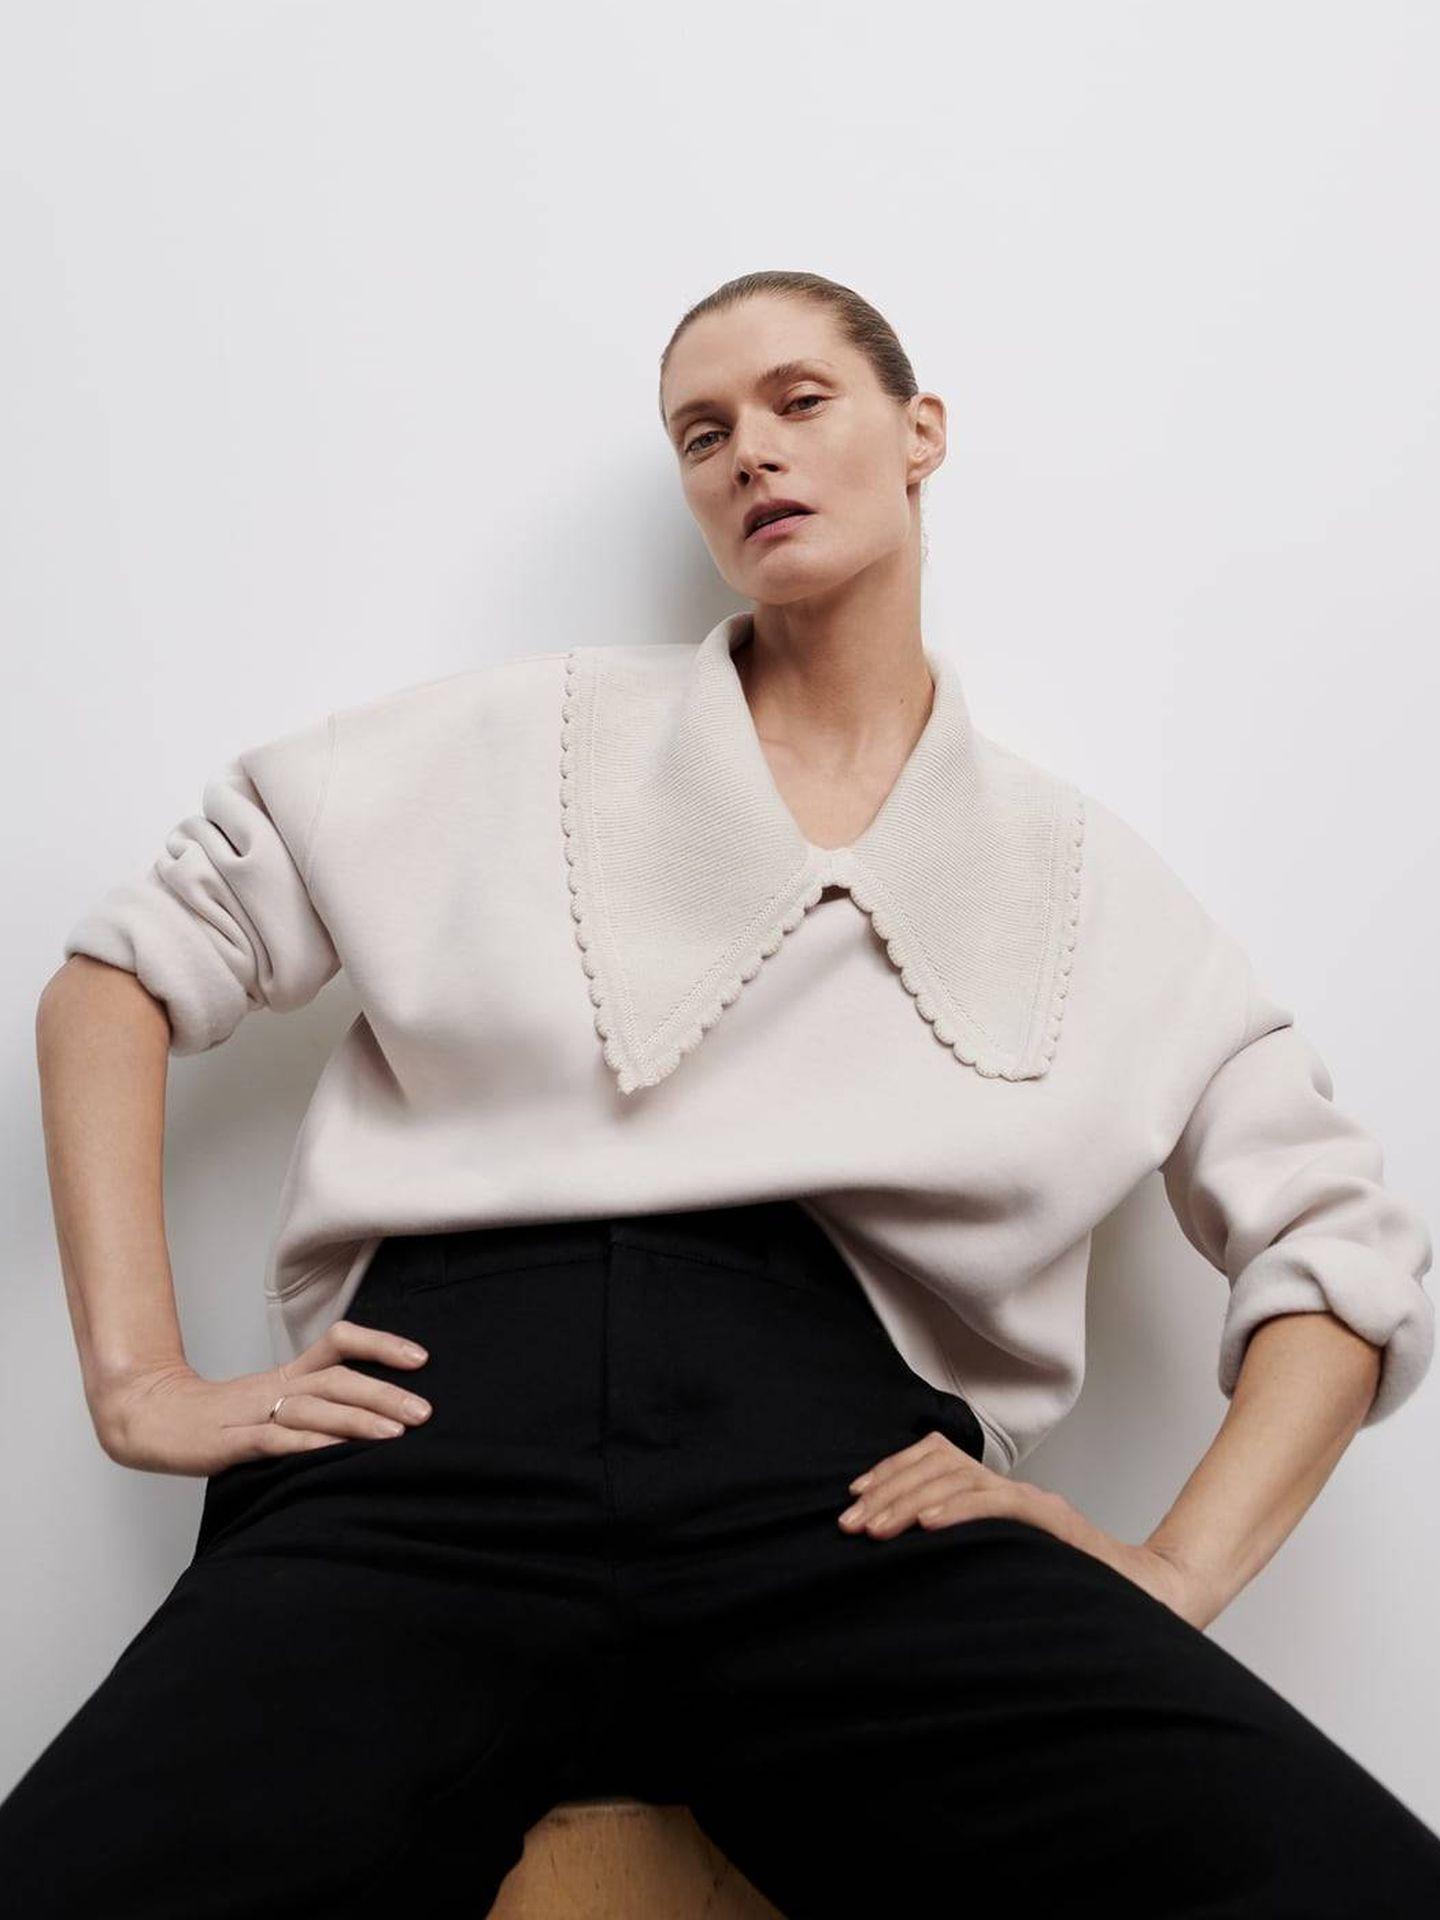 Sudadera con cuello bobo de Zara. (Cortesía)